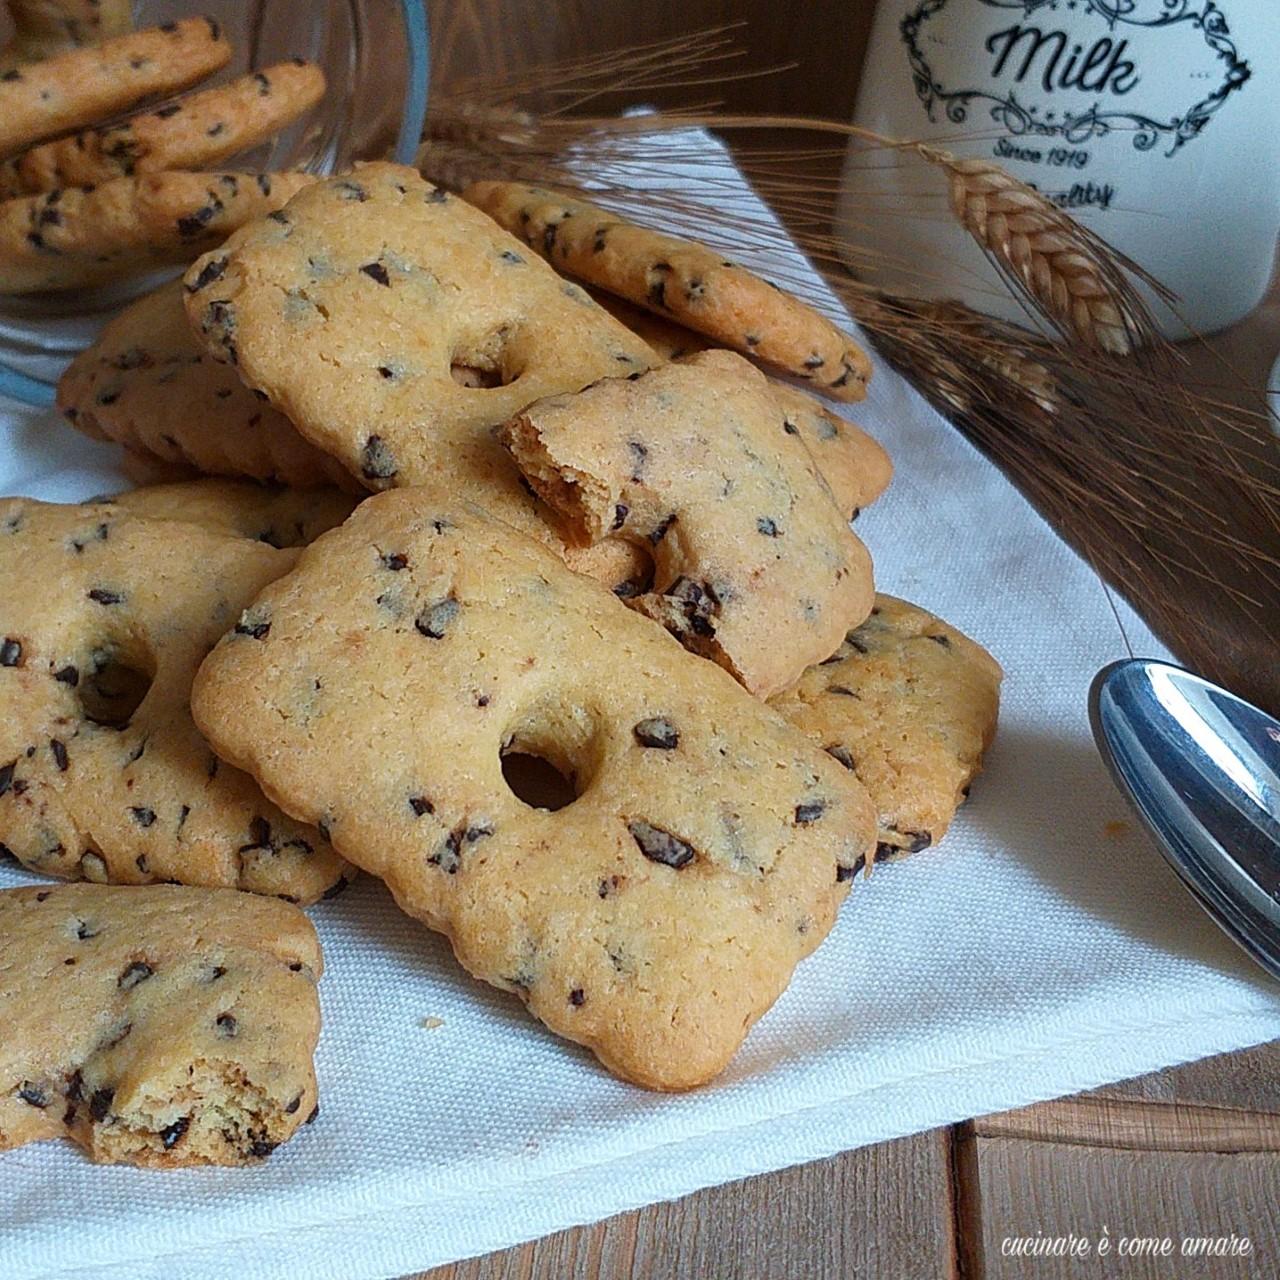 biscotto all'olio con pezzi di cioccolato